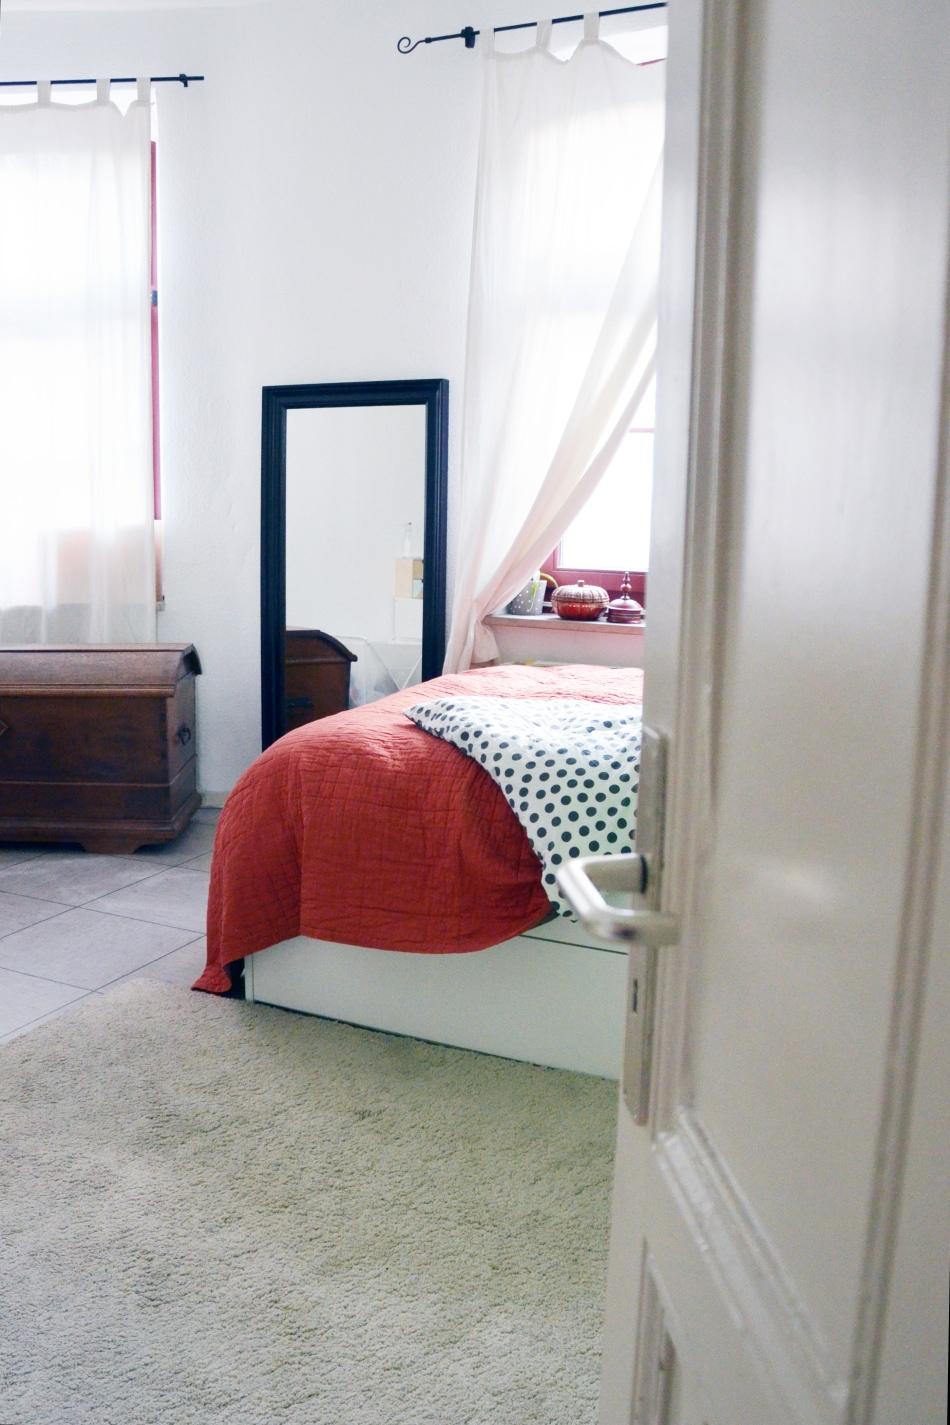 Einblick ins Schlafzimmer - annablogie